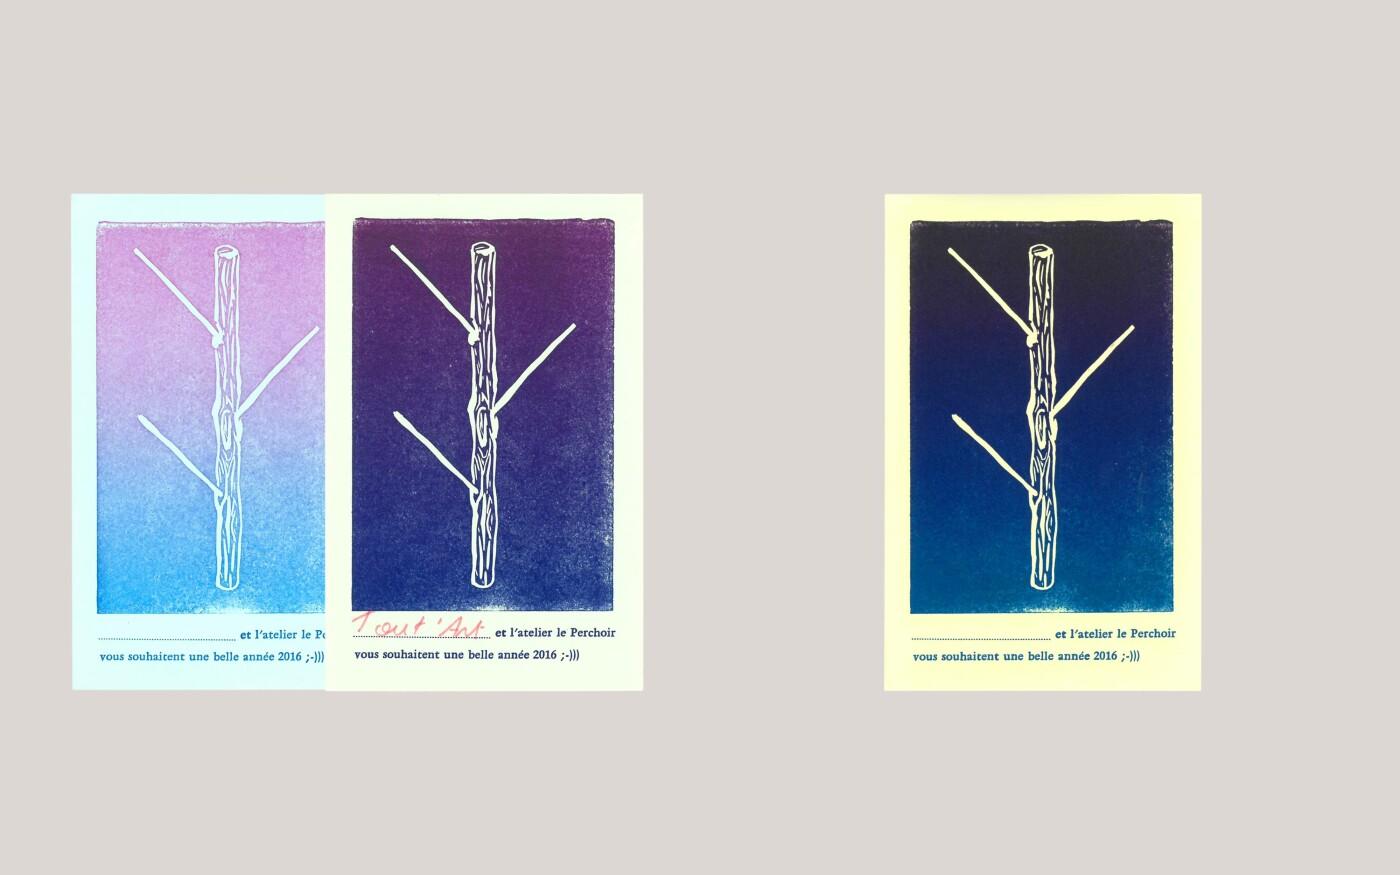 Langage visuel pour l'atelier Le Perchoir